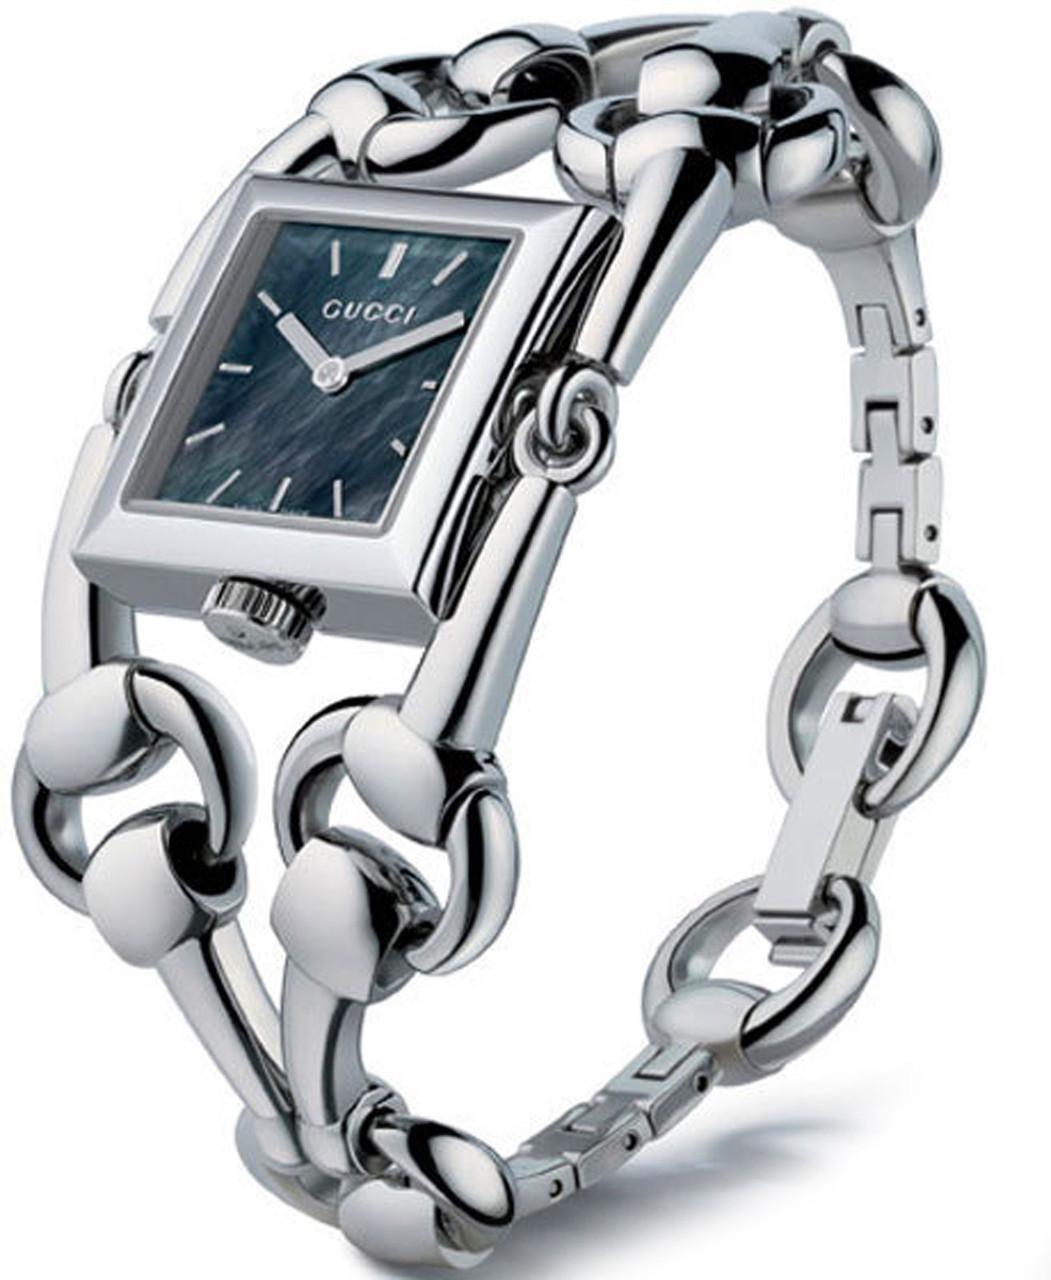 103475a37ce SALE - Gucci YA116502 165 Signoria Women s Watch